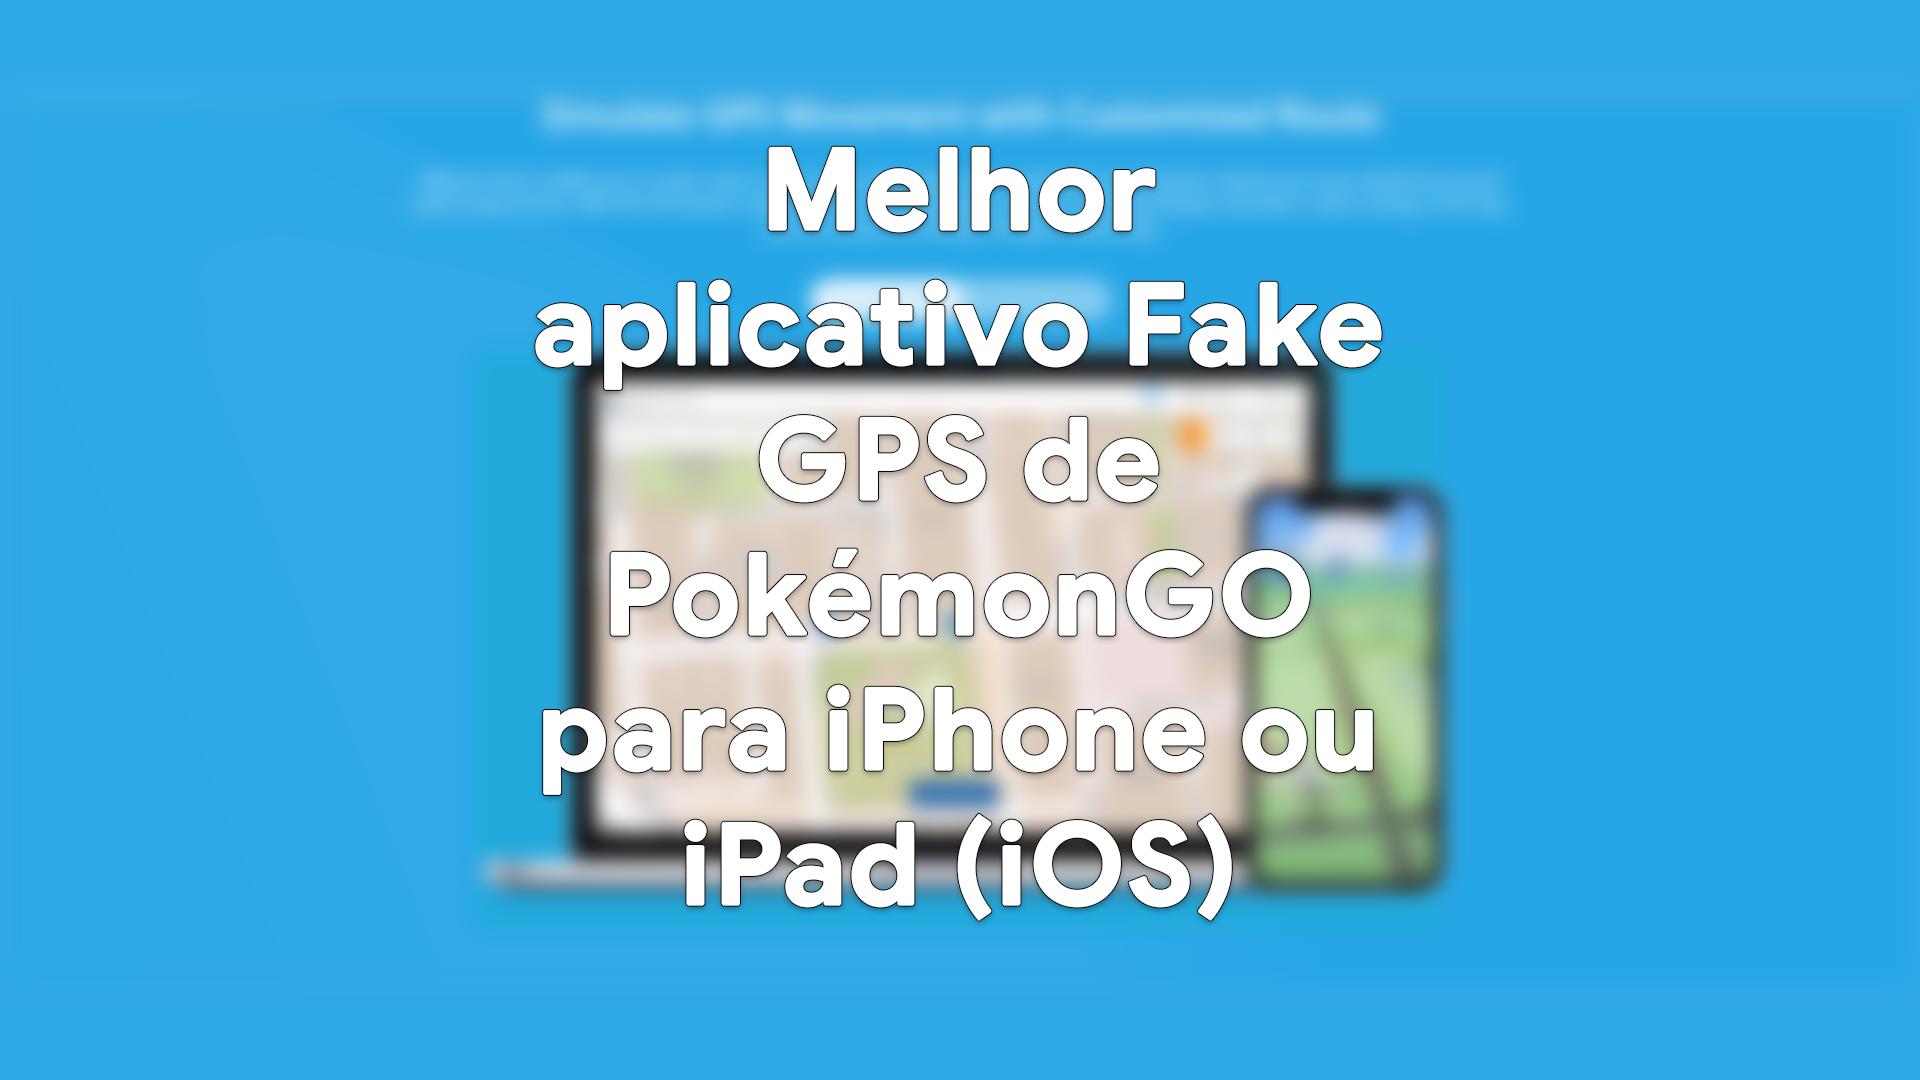 Melhor aplicativo Fake GPS de PokémonGO para iPhone ou iPad (iOS)